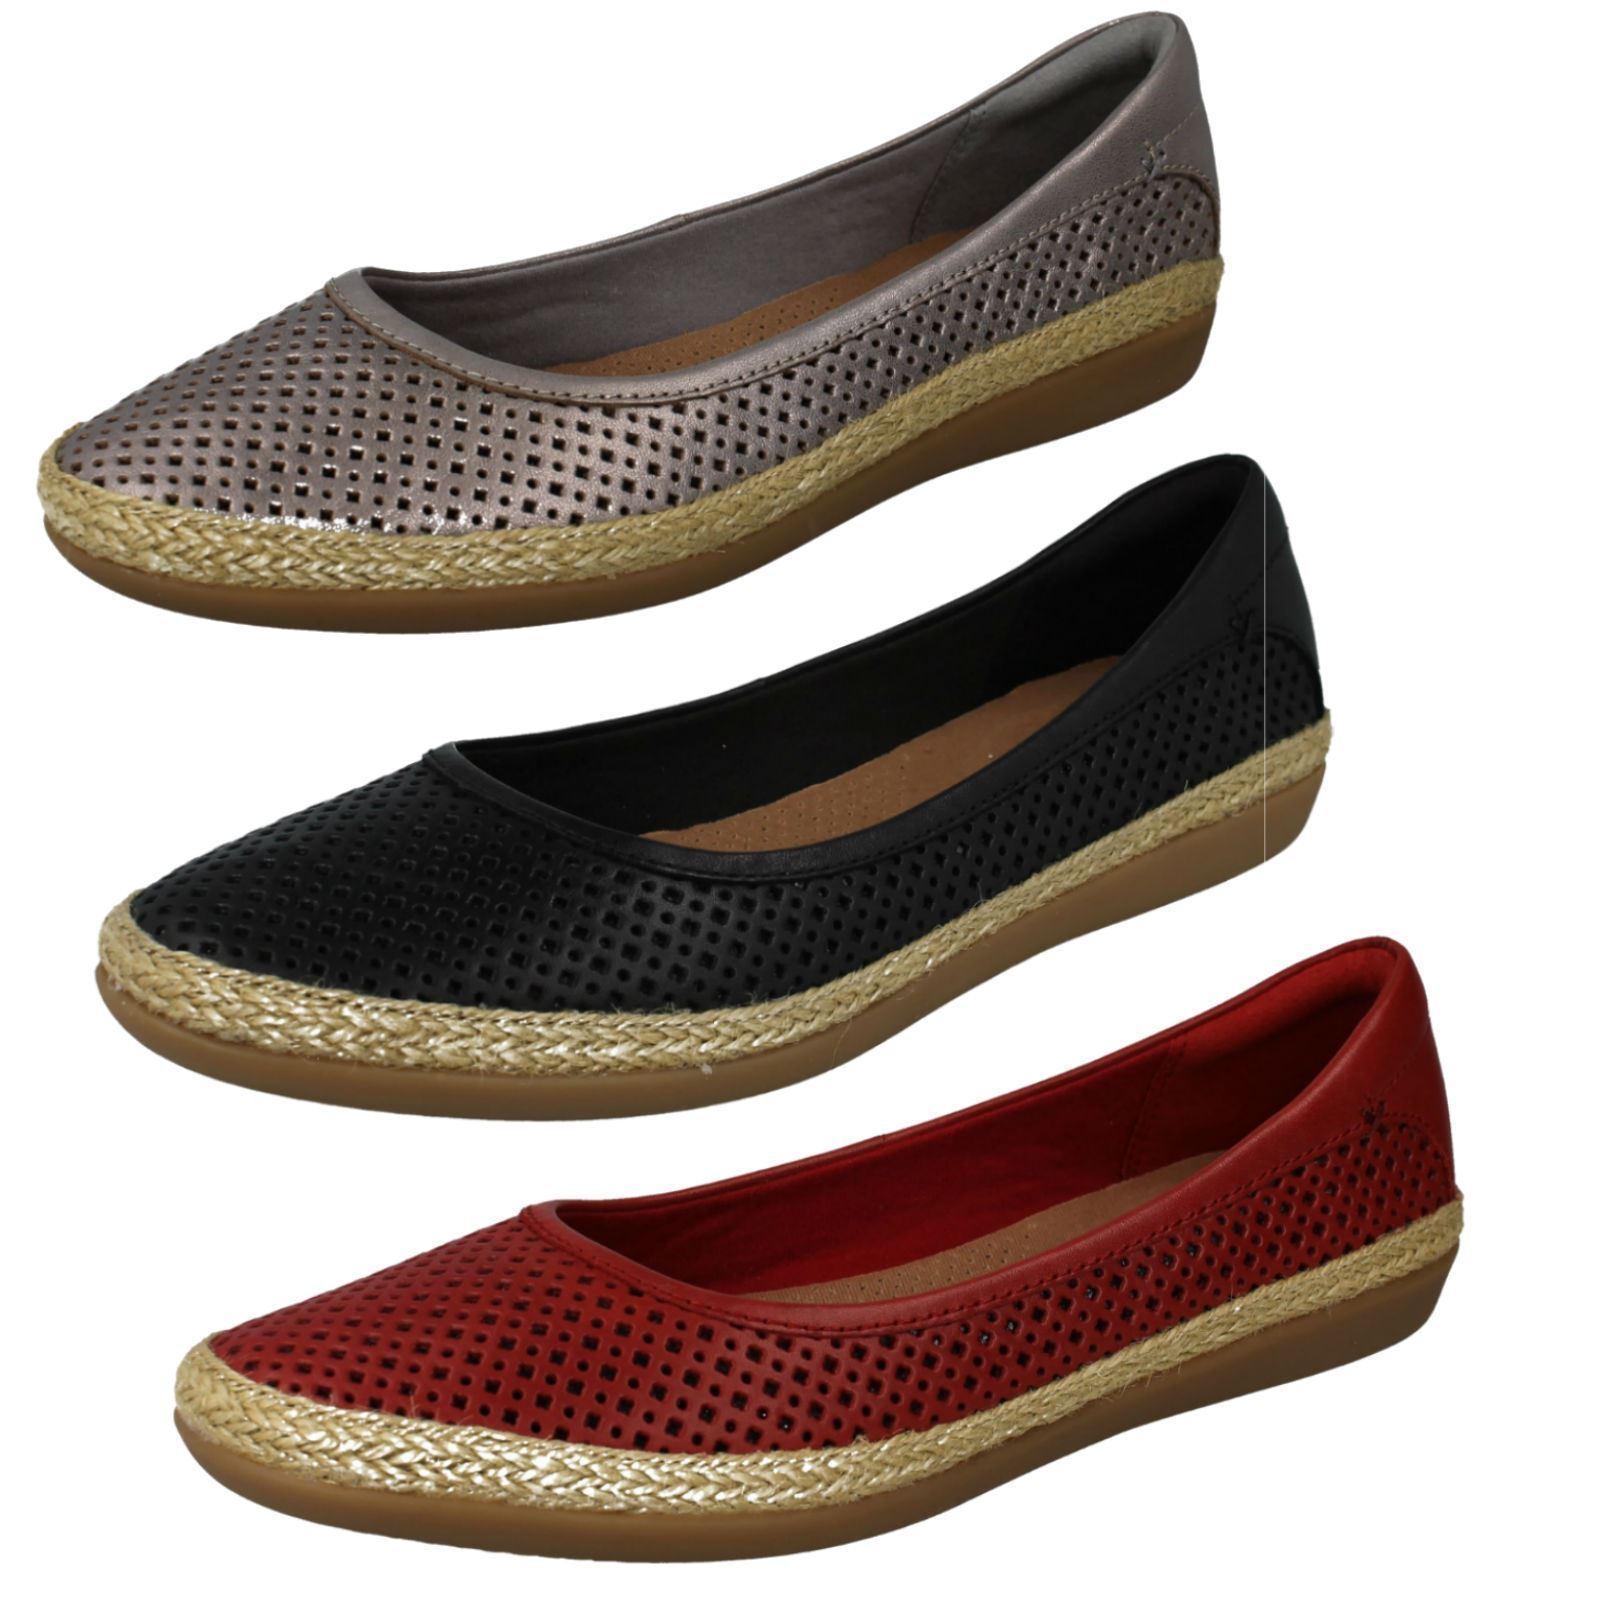 Zapatos de mujer baratos zapatos de mujer Descuento por tiempo limitado 'Ladies Clarks'  Summer Ballerina Shoes - Danelly Adira